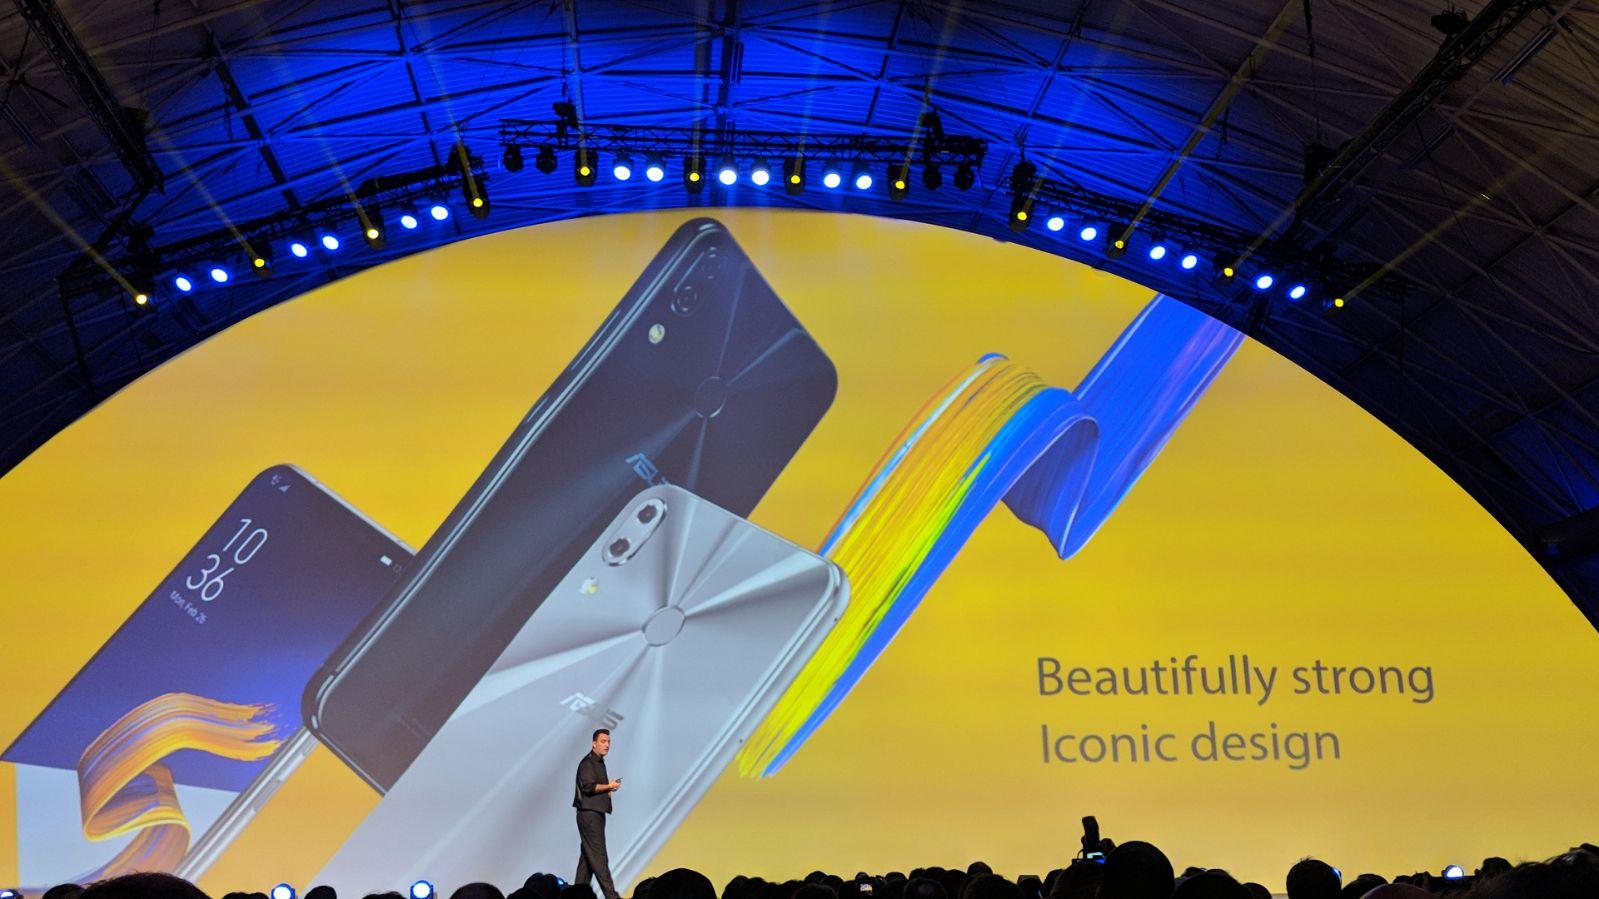 ZenFone 5 back